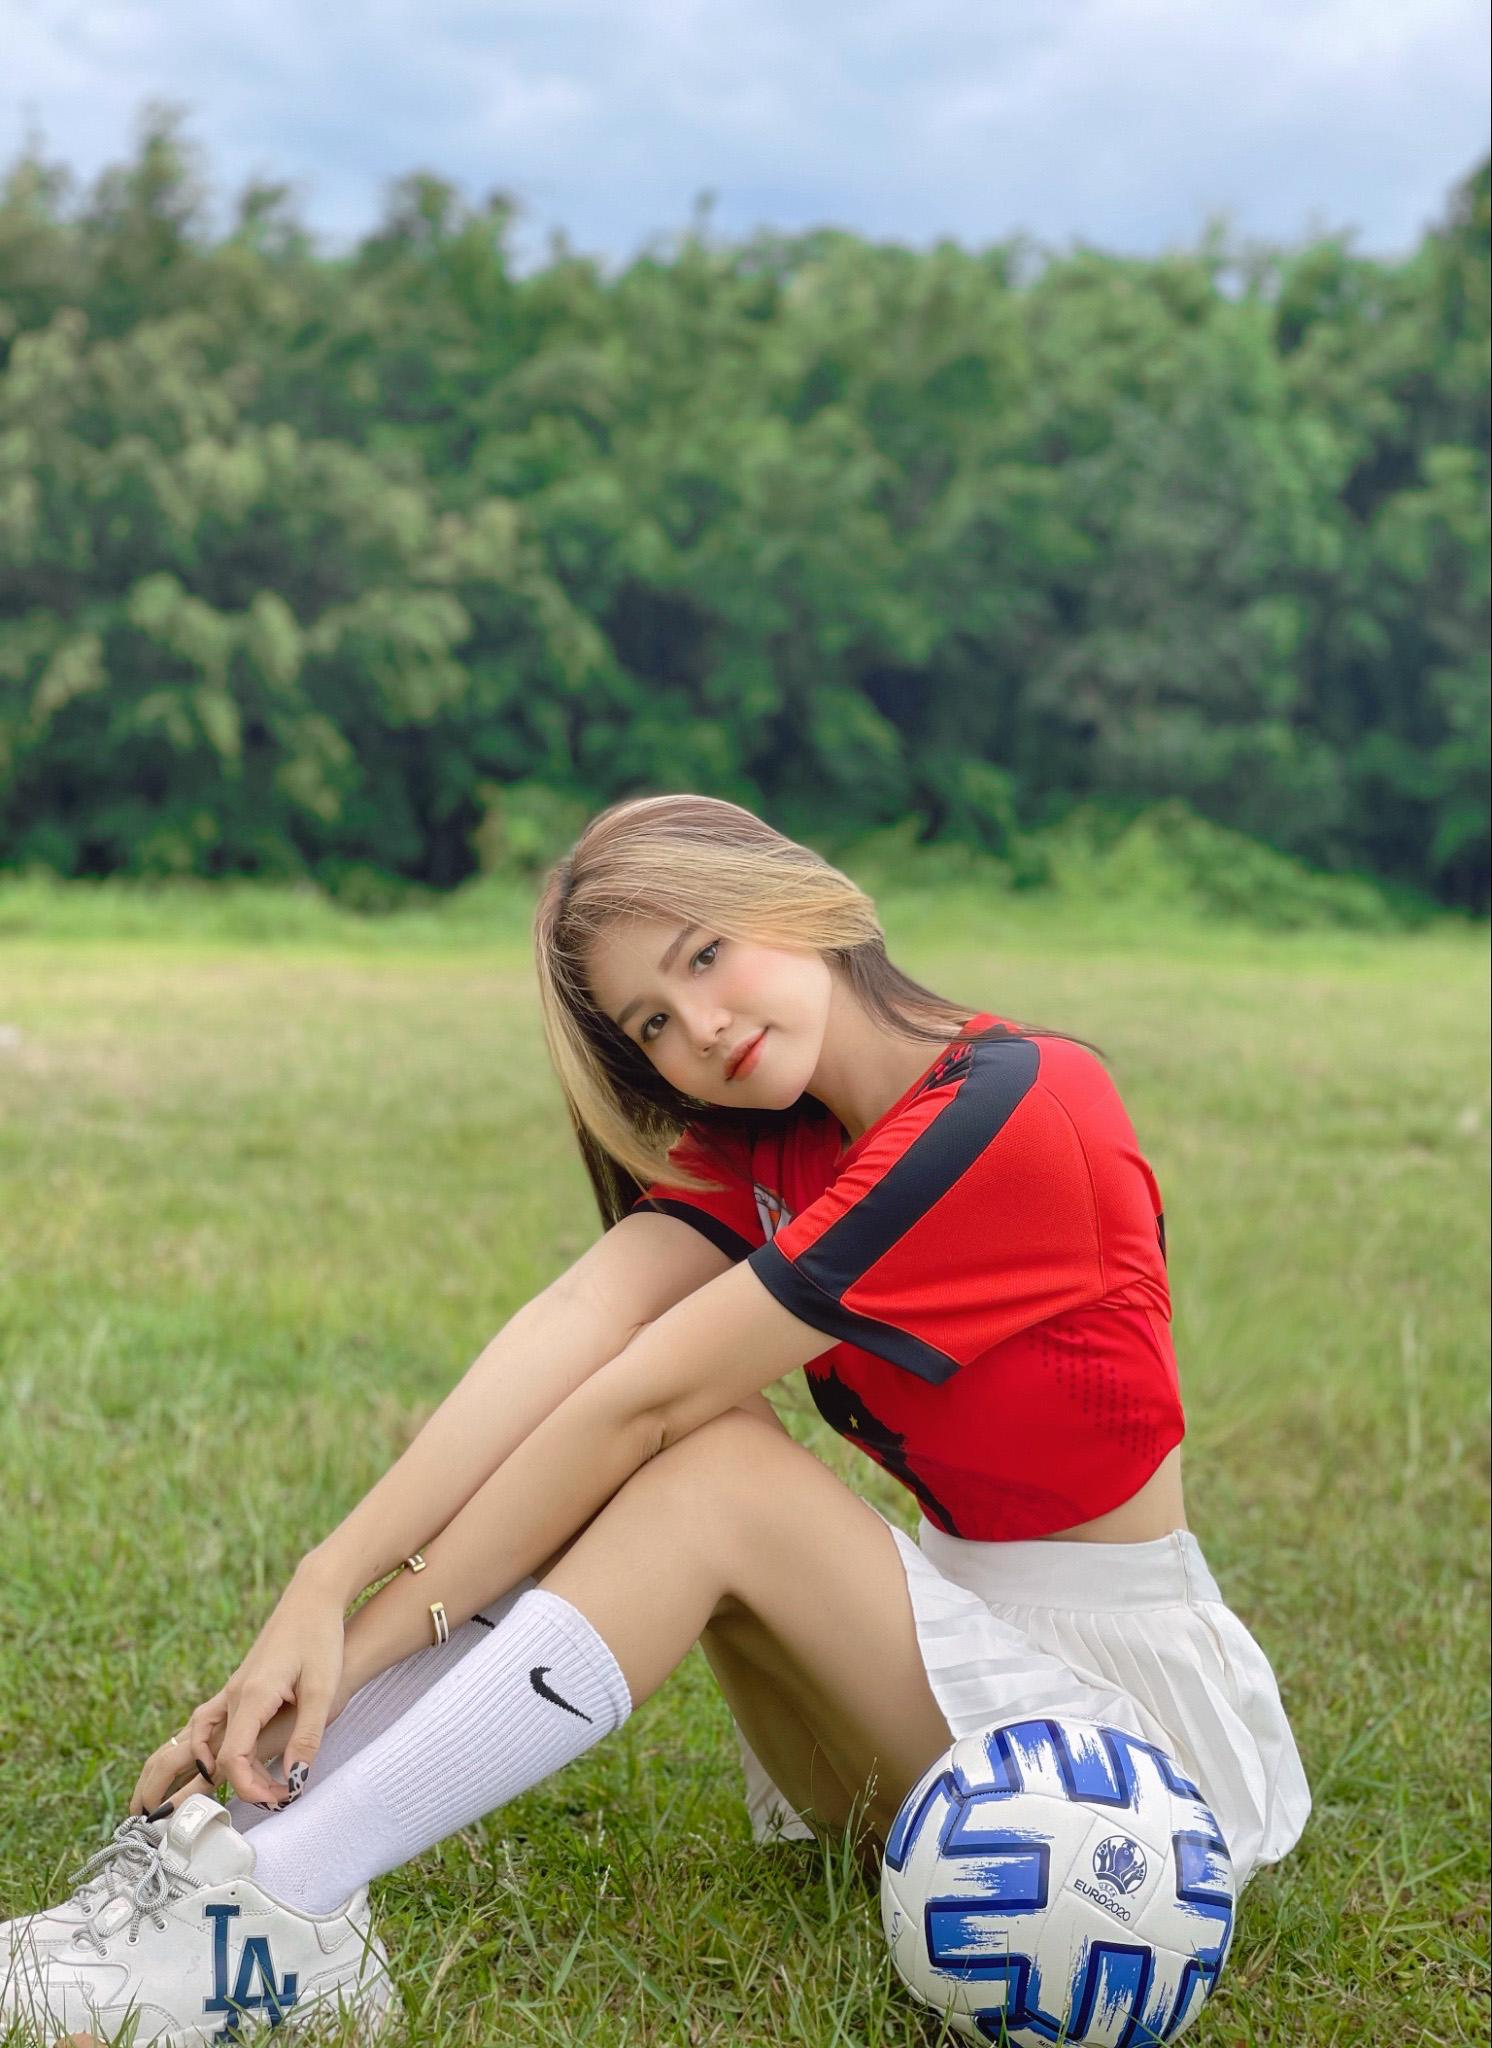 Cựu nữ sinh đẹp vạn người mê tựa Ngọc Trinh đoán tỉ số Việt Nam vs UAE, tin Việt Nam chiến thắng - Ảnh 1.